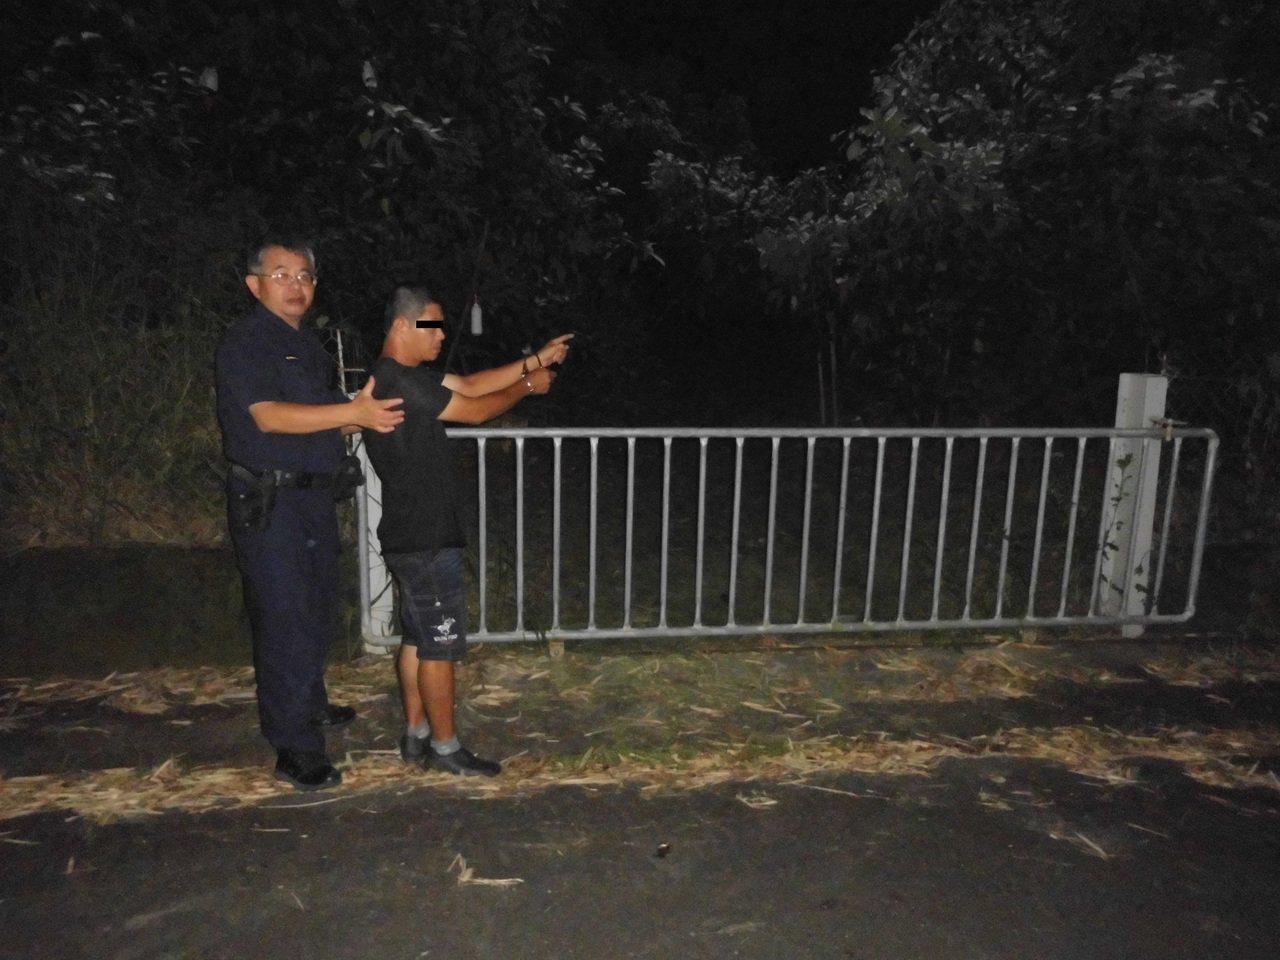 陳嫌與家人聯手(右)在台南東山山區偷採酪梨遭警方逮捕。記者謝進盛/翻攝